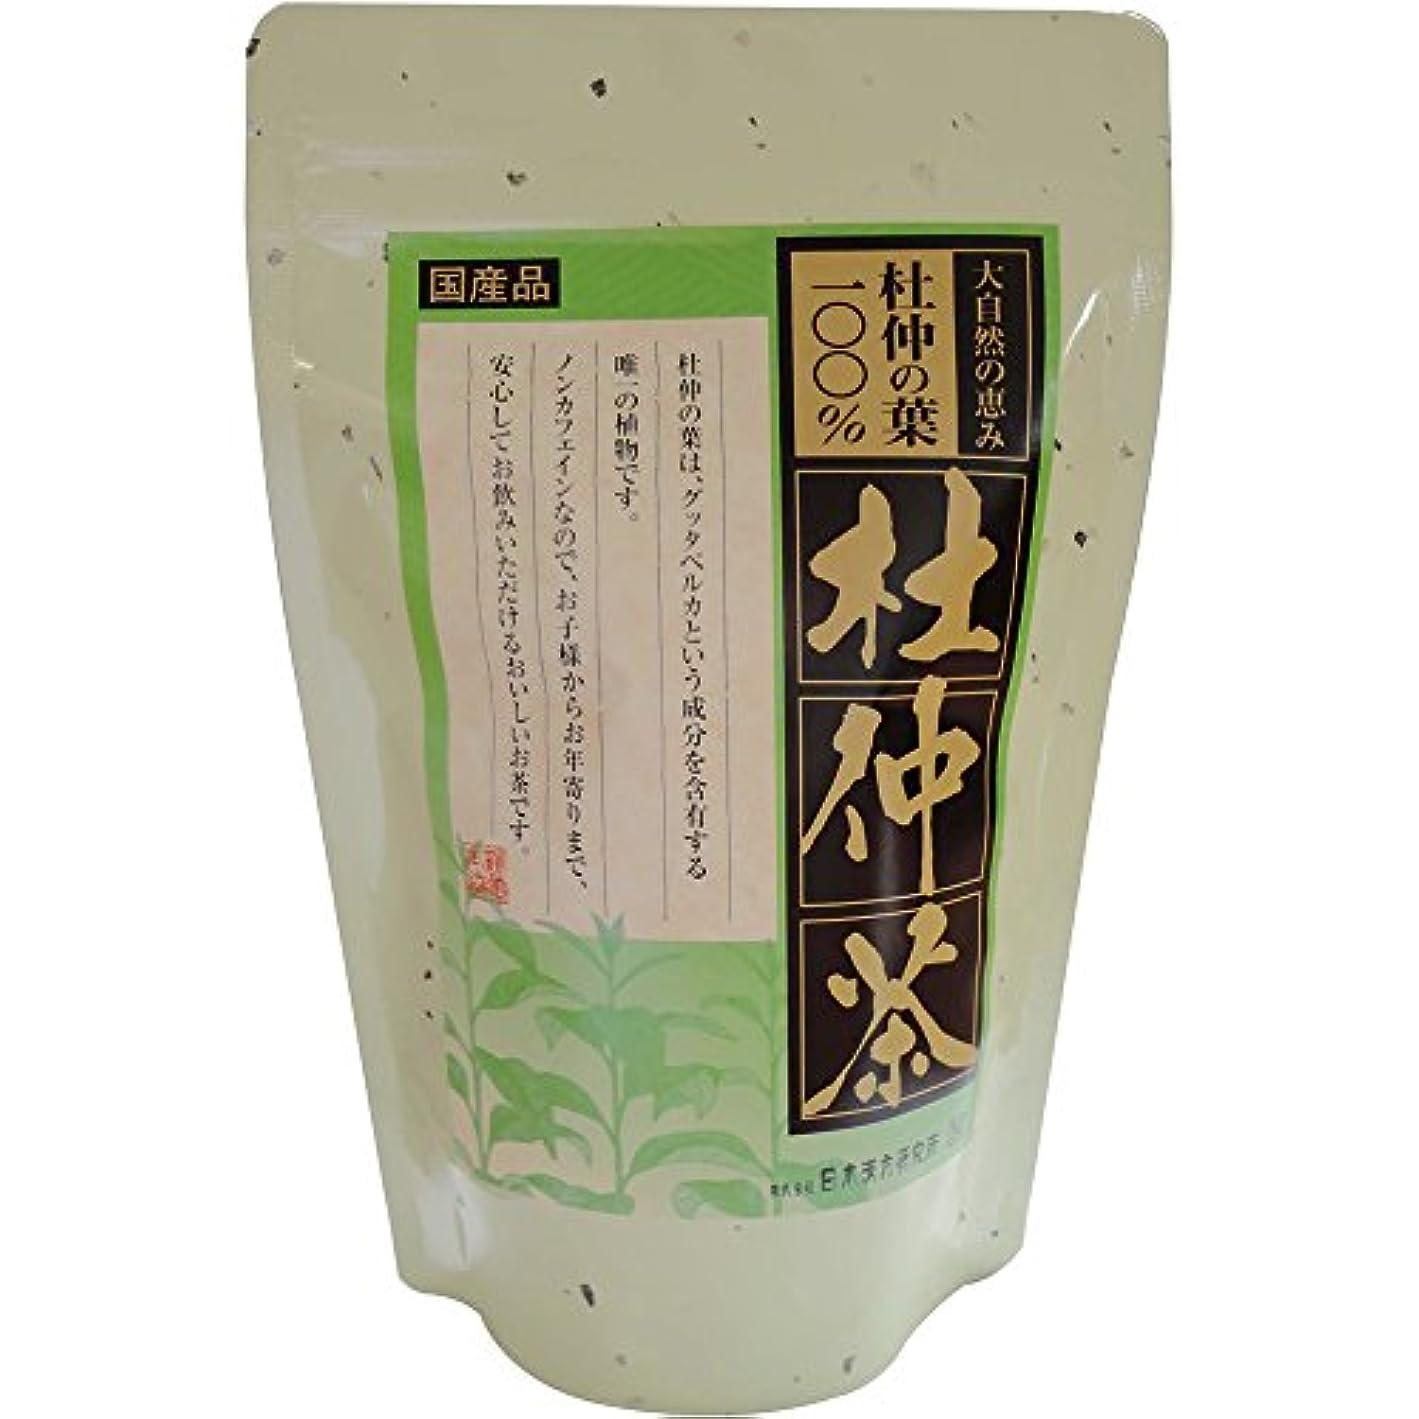 薬を飲む虫を数える飢杜仲茶100%(国産品) 2g×30包入